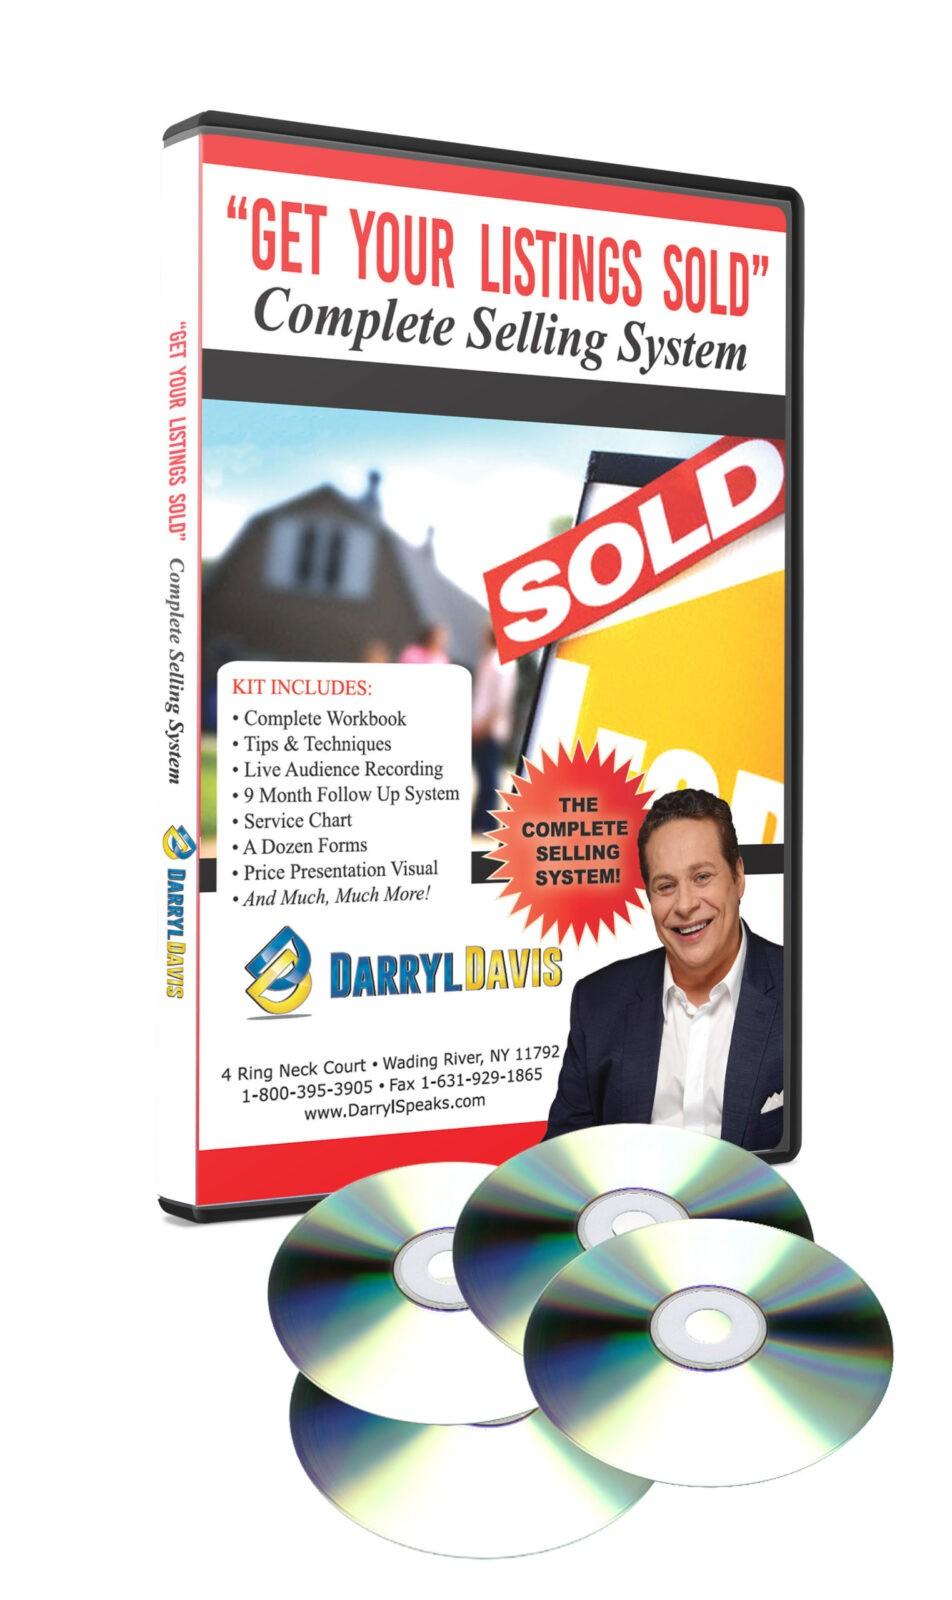 Get-Listings-Sold